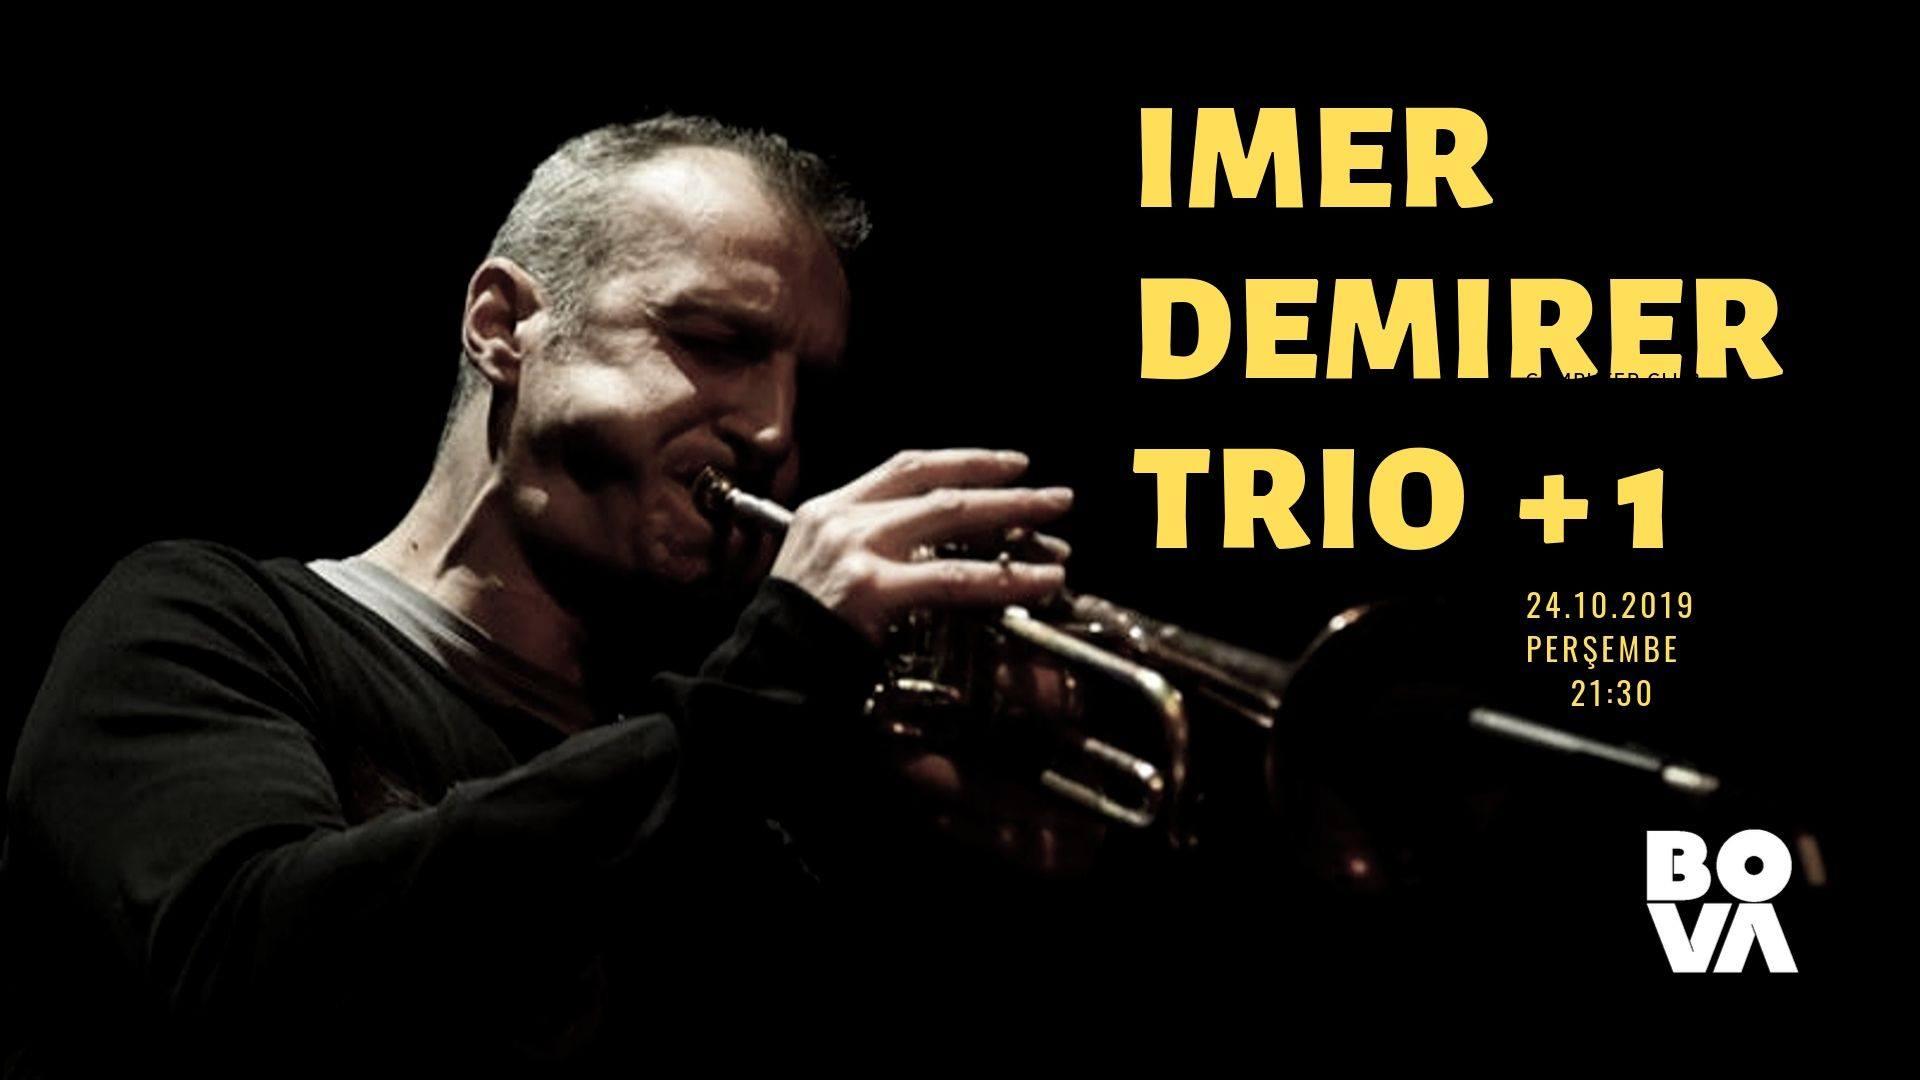 İmer Demirer Trio + 1